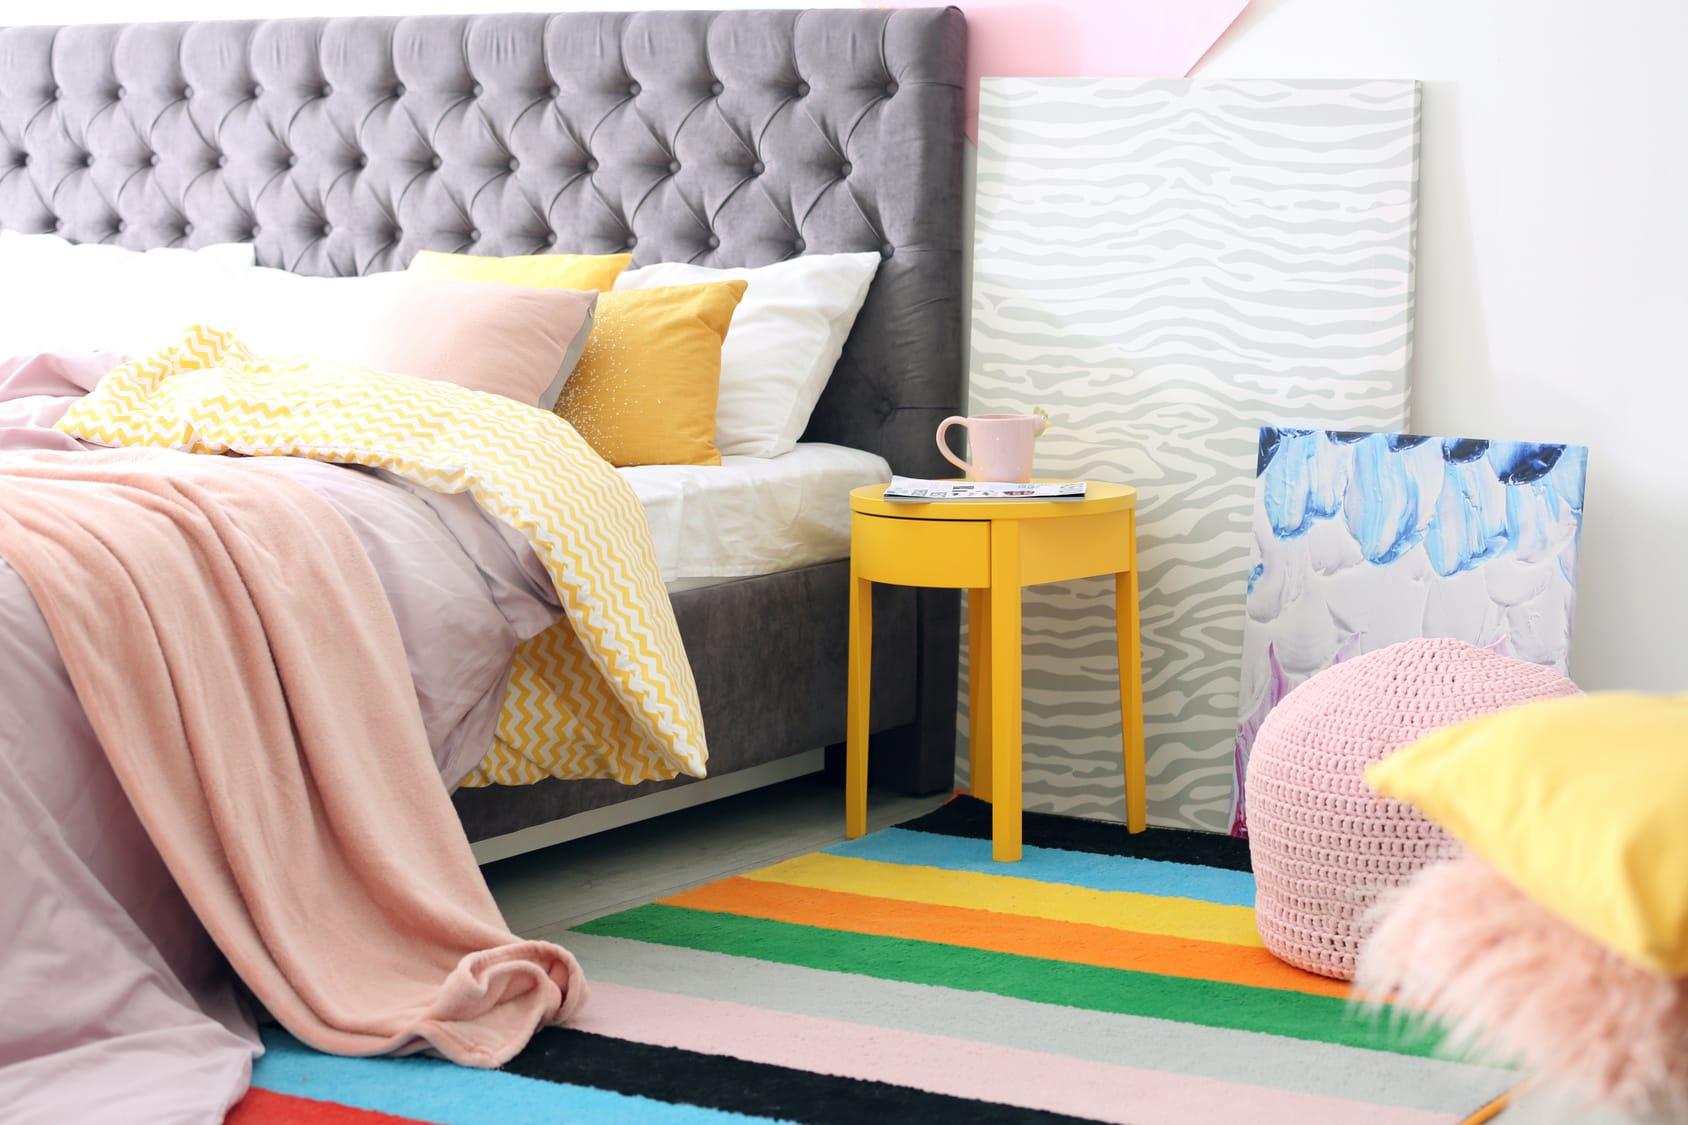 bettw sche waschen wie oft bettw sche waschen anleitung und alle wichtigen fragen. Black Bedroom Furniture Sets. Home Design Ideas